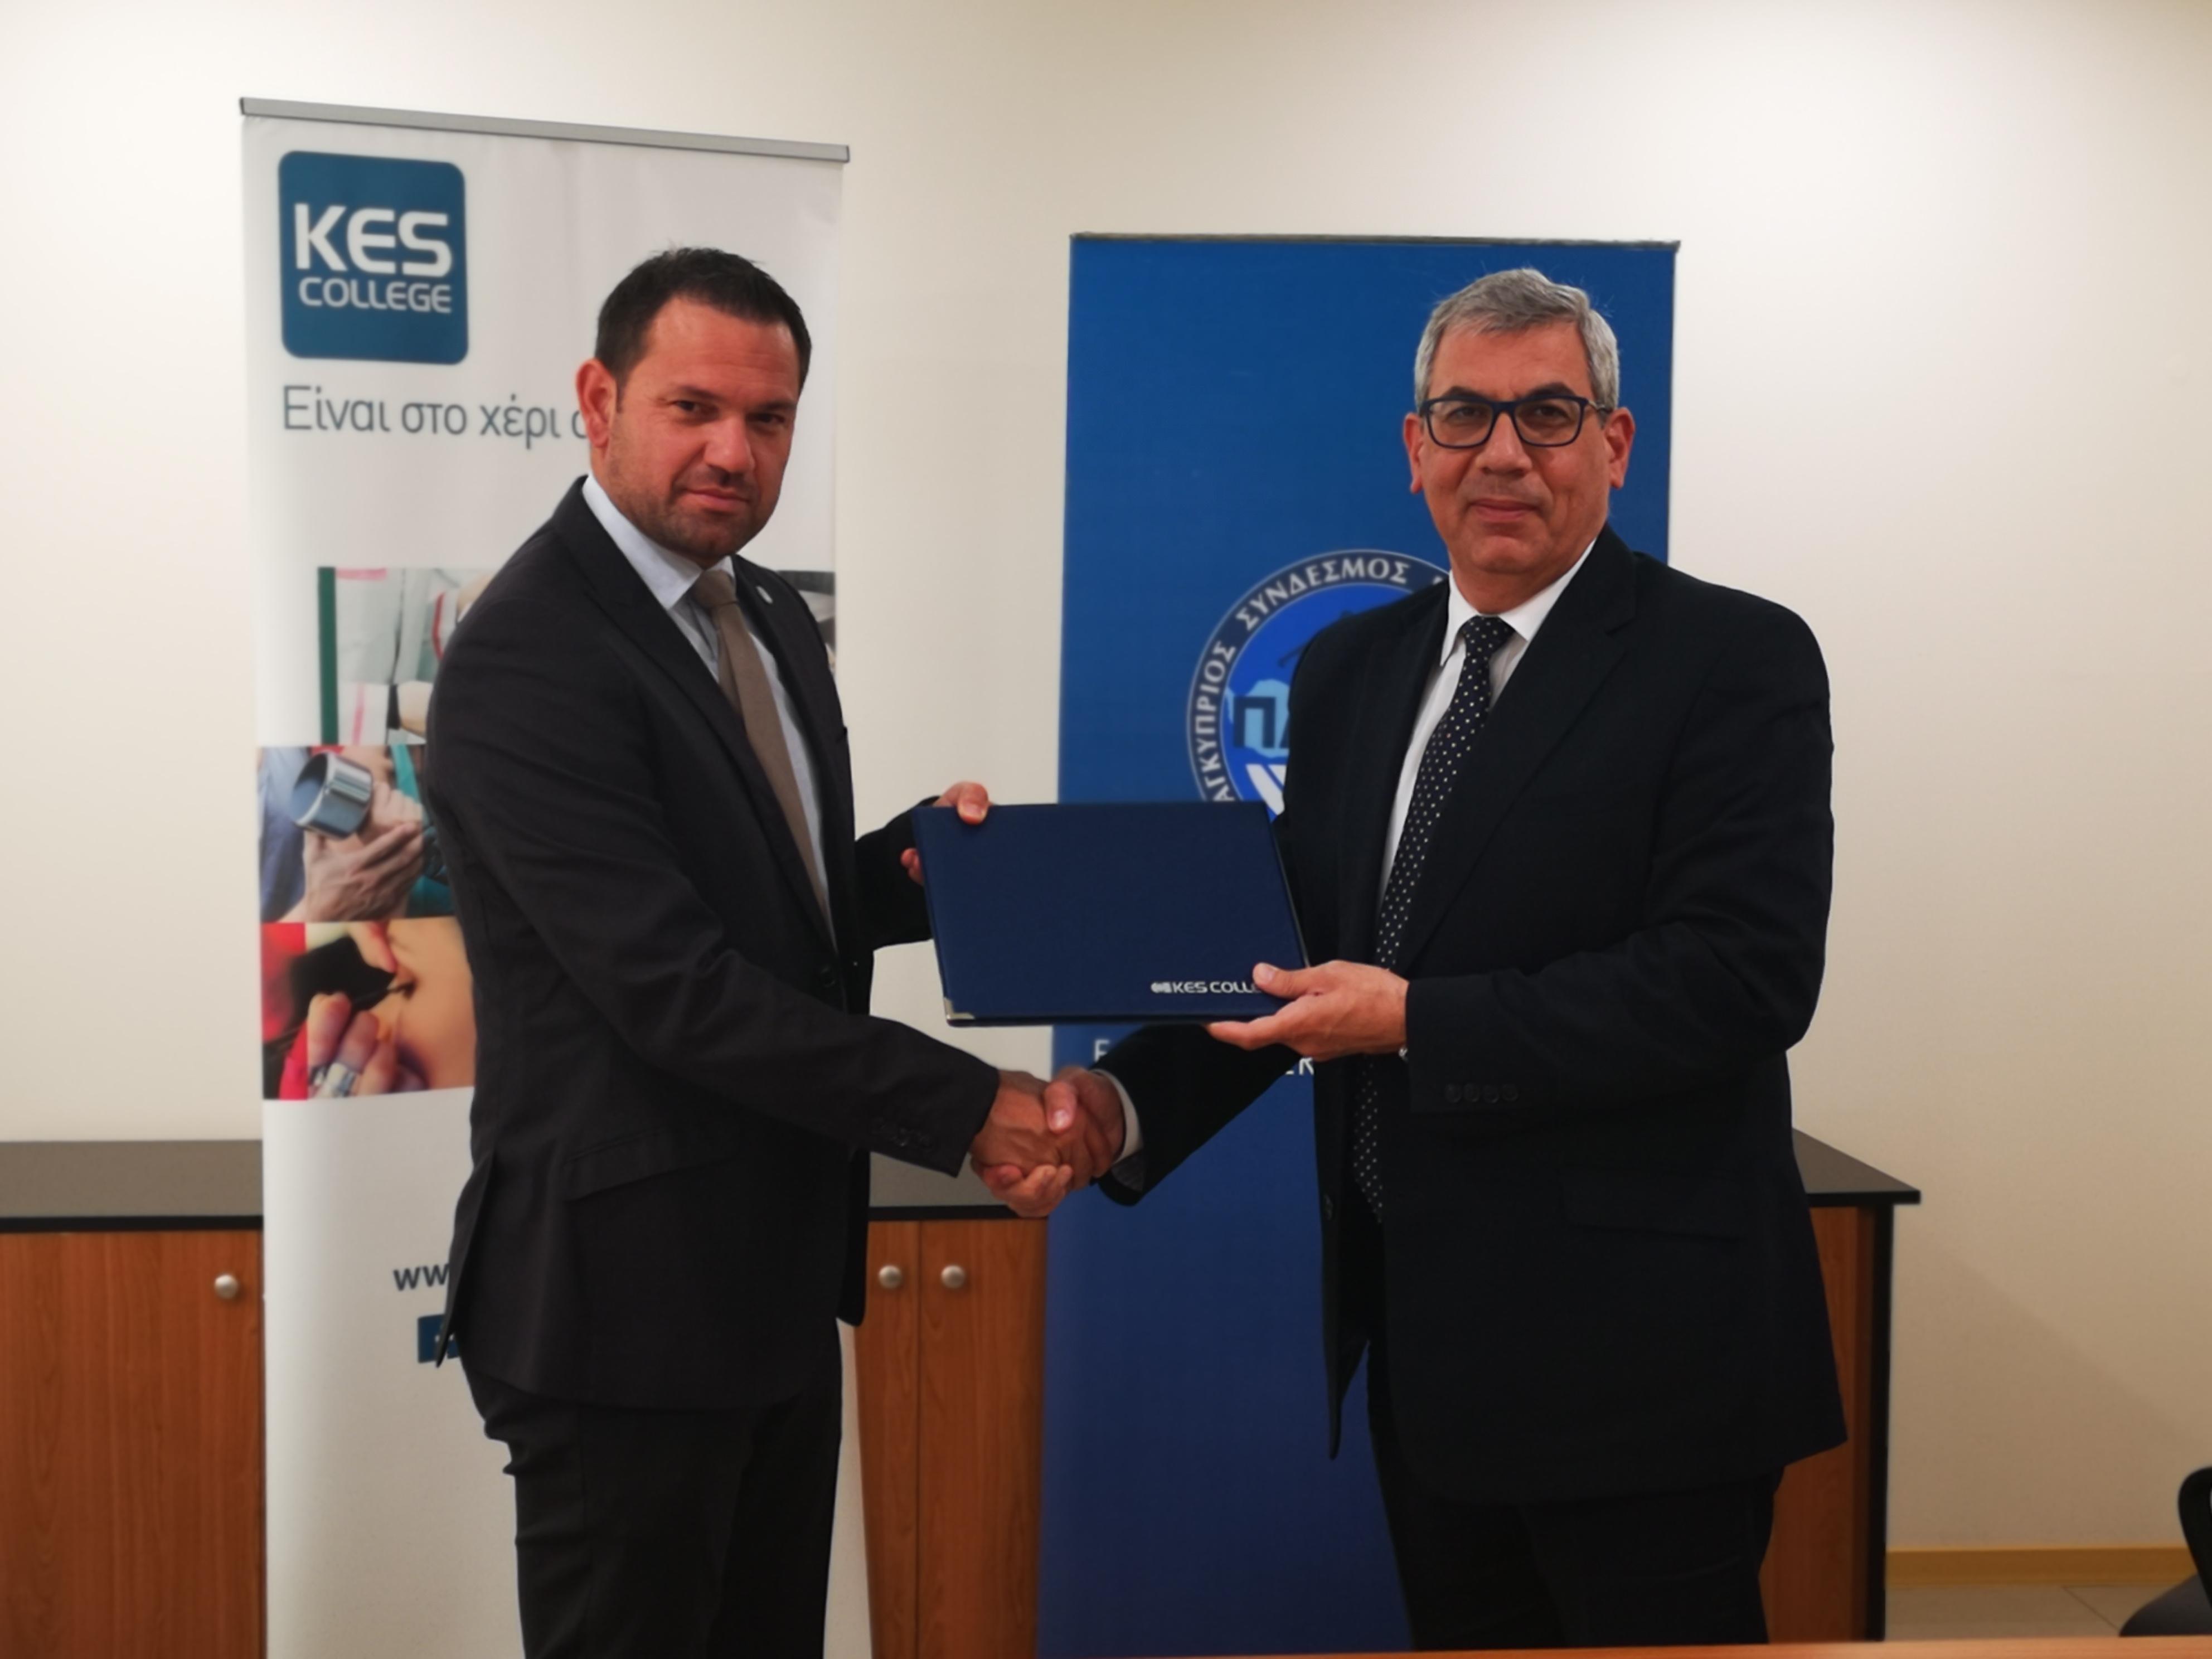 Υπογραφή Μνημονίου Συνεργασίας ΠΑ.Σ.Π. – KES College